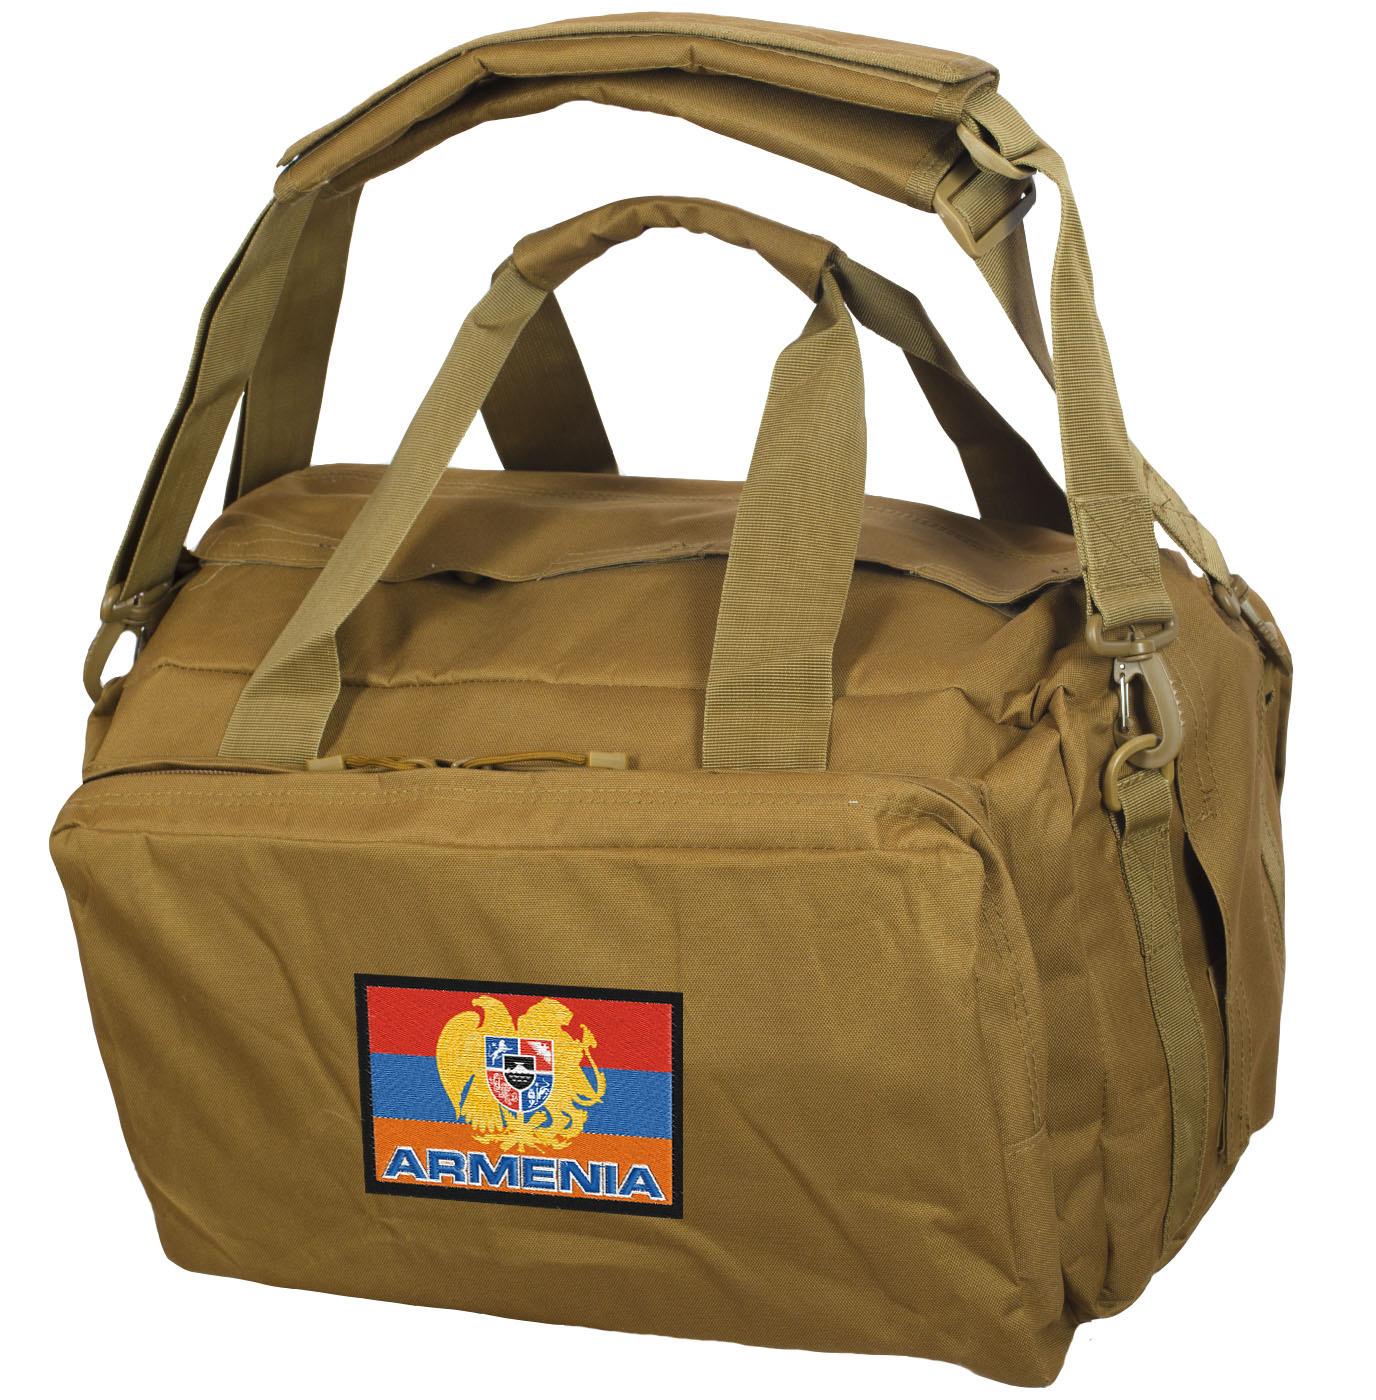 Походно-дорожная мужская сумка с армянской символикой